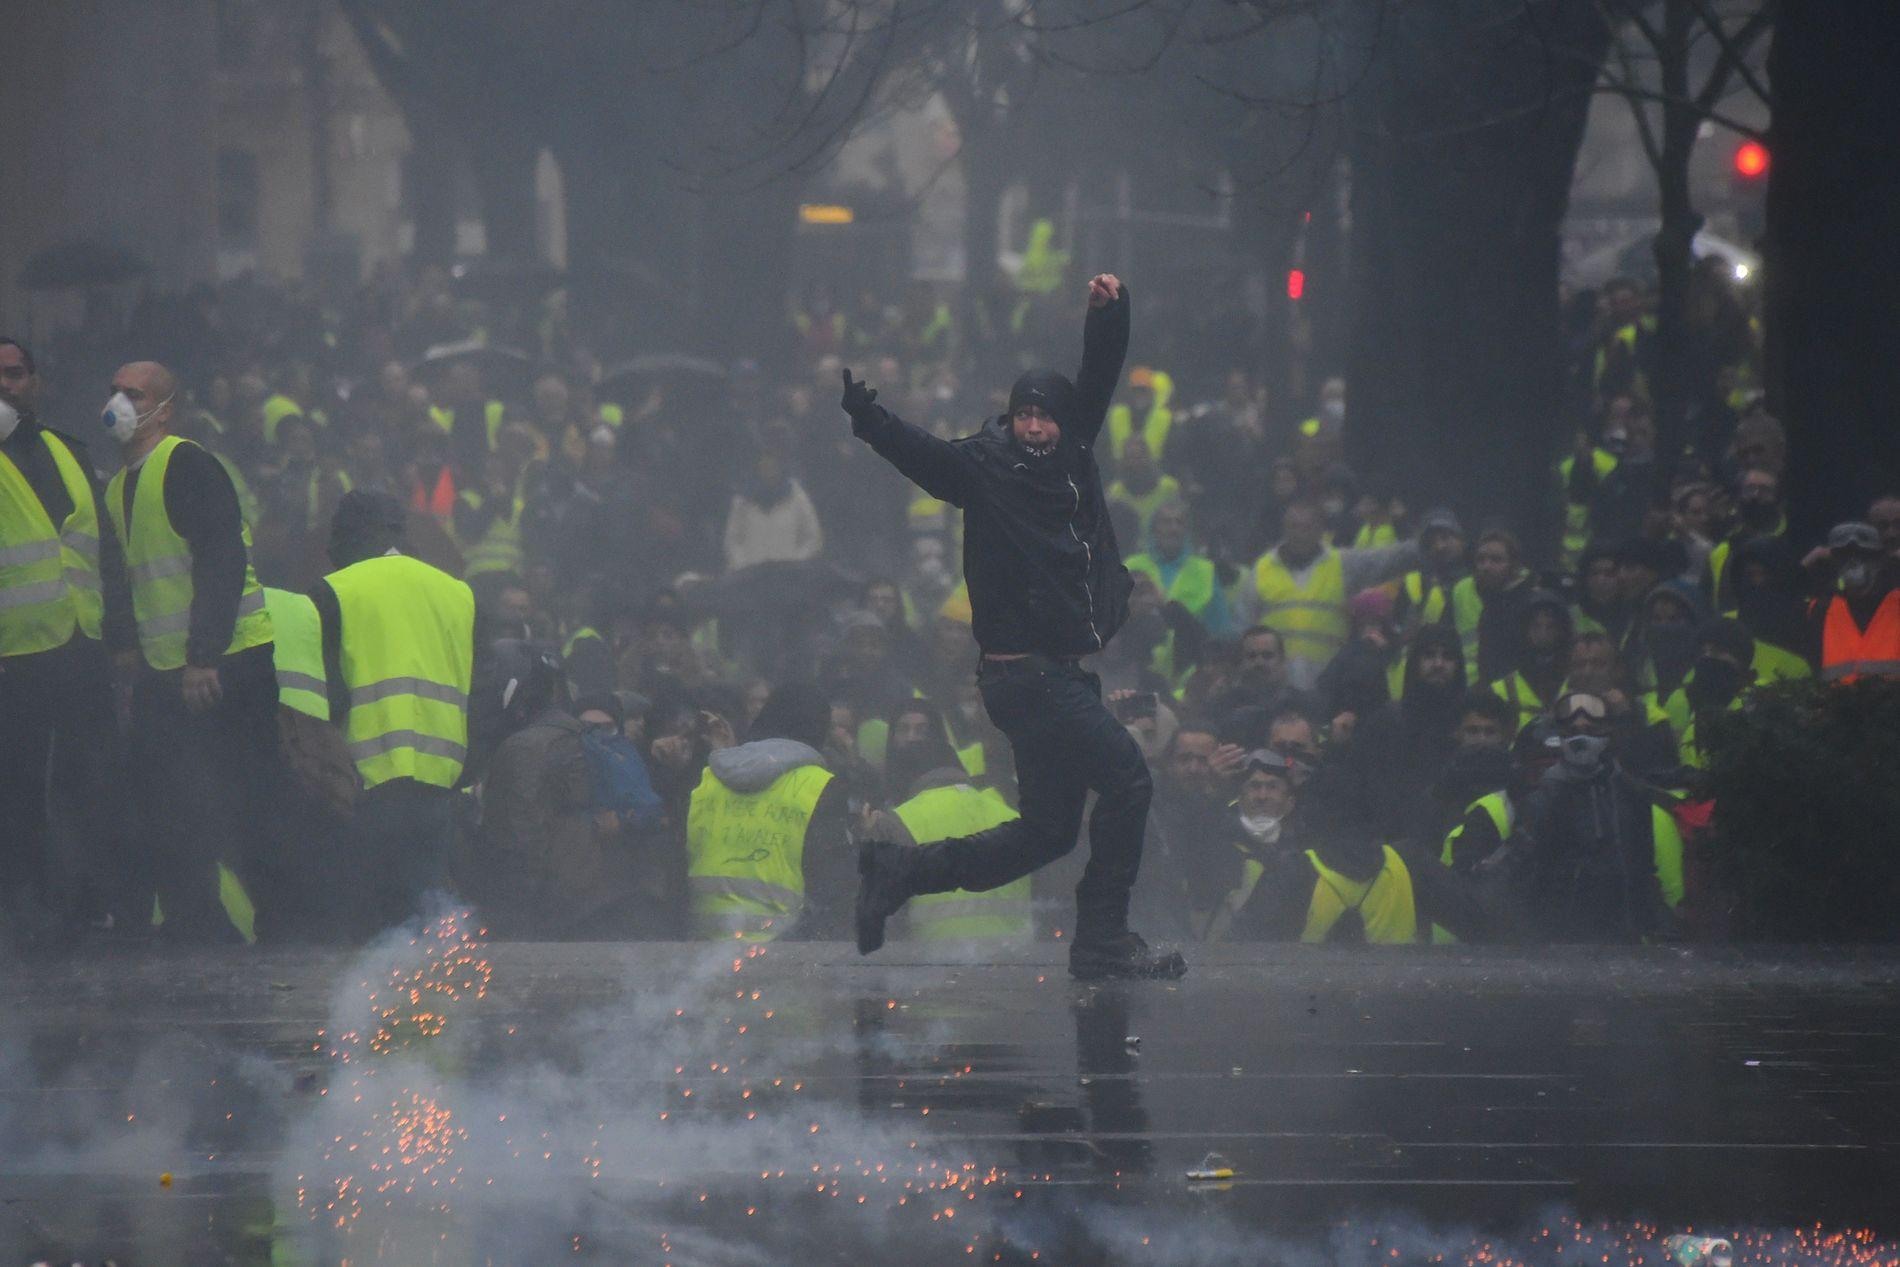 GULE VESTER: Over hele Frankrike har demonstranter i gule refleksvester krevd at president Emmanuel Macron går av. Har demonstrerer de i Bordeaux 22. desember.